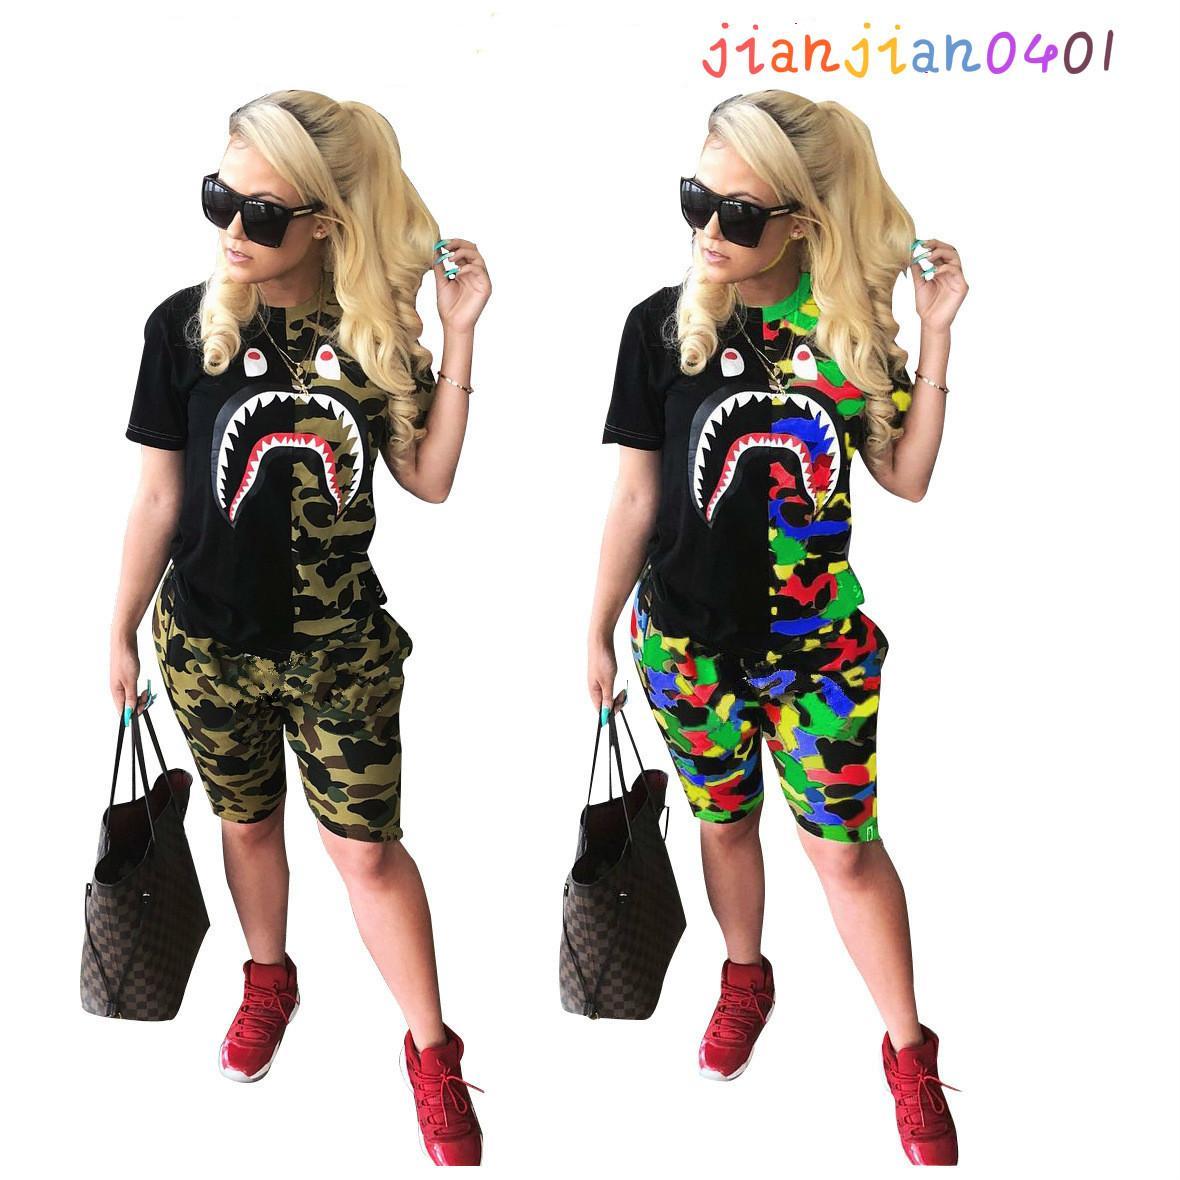 Vestito 2020 delle donne europee e americane di tendenza della moda di New manica corta colore misto Stampa su due pezzi di abbigliamento femminile (N9107)